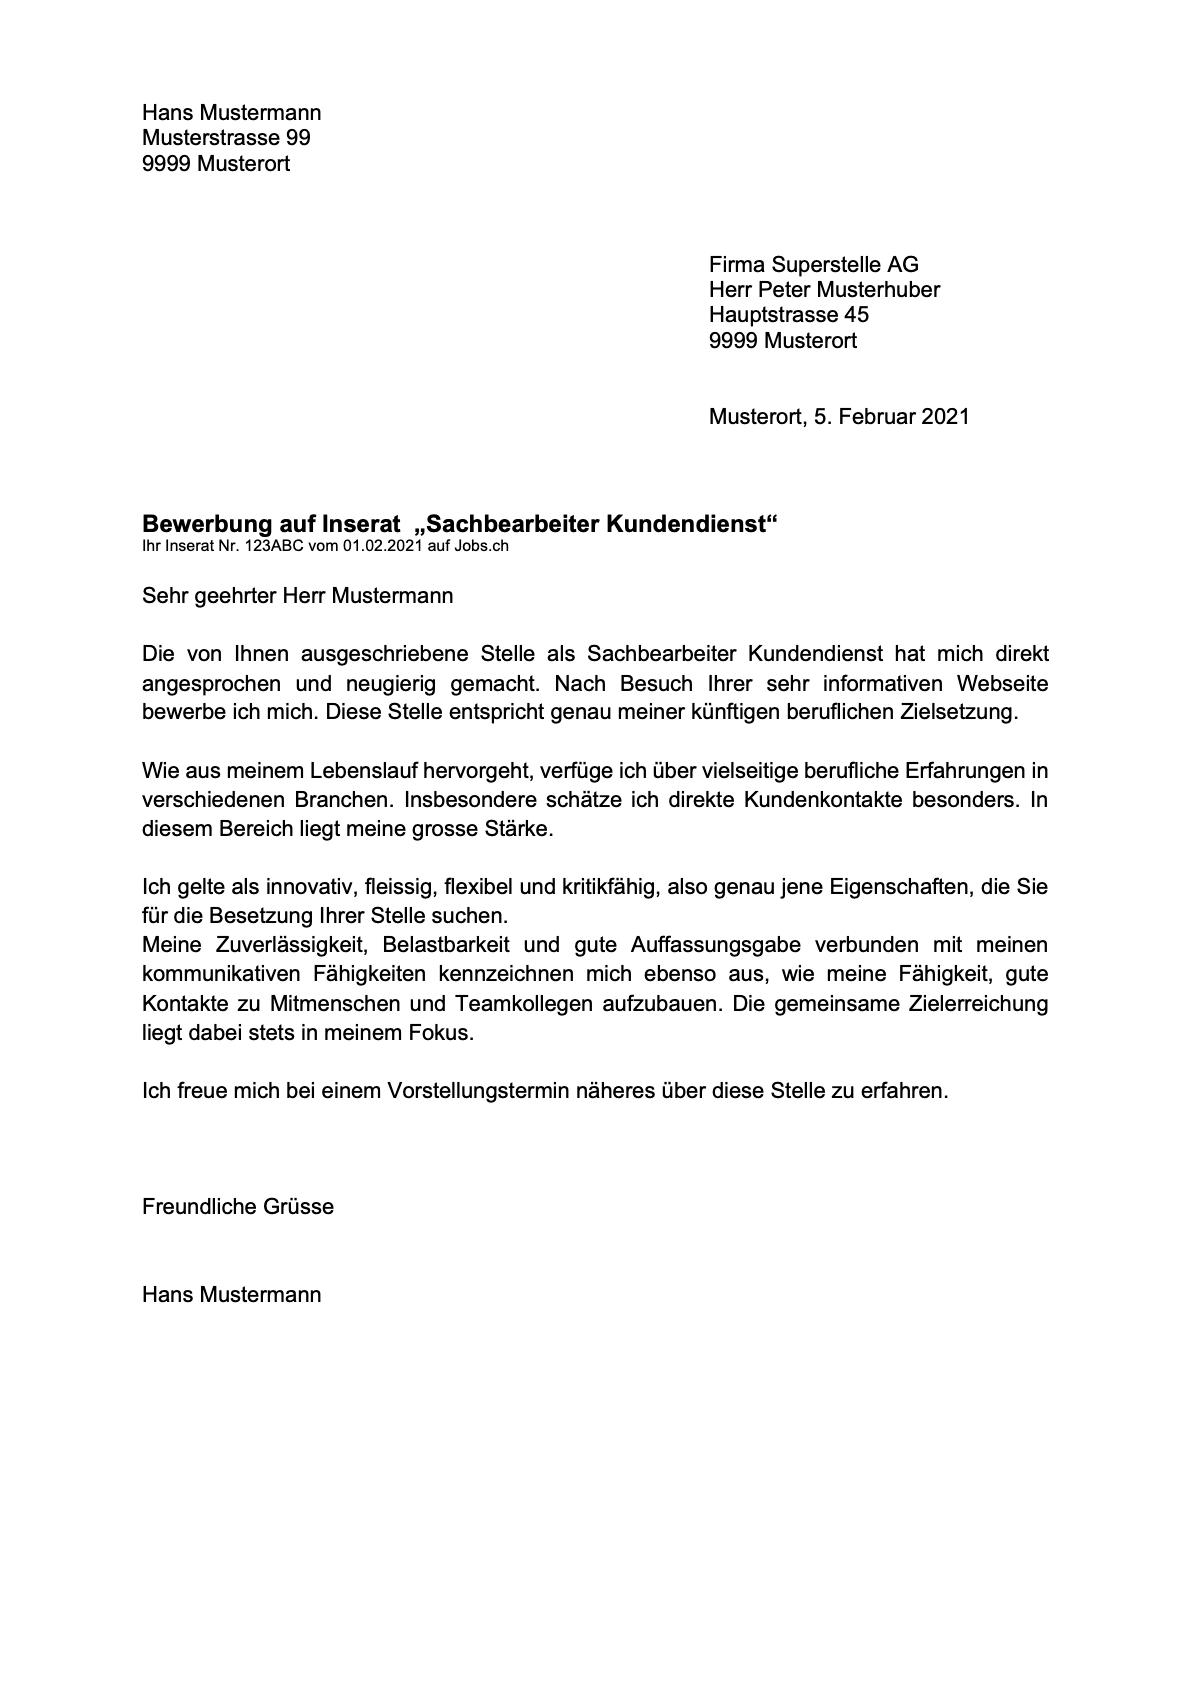 Bewerbungsschreiben Vorlage